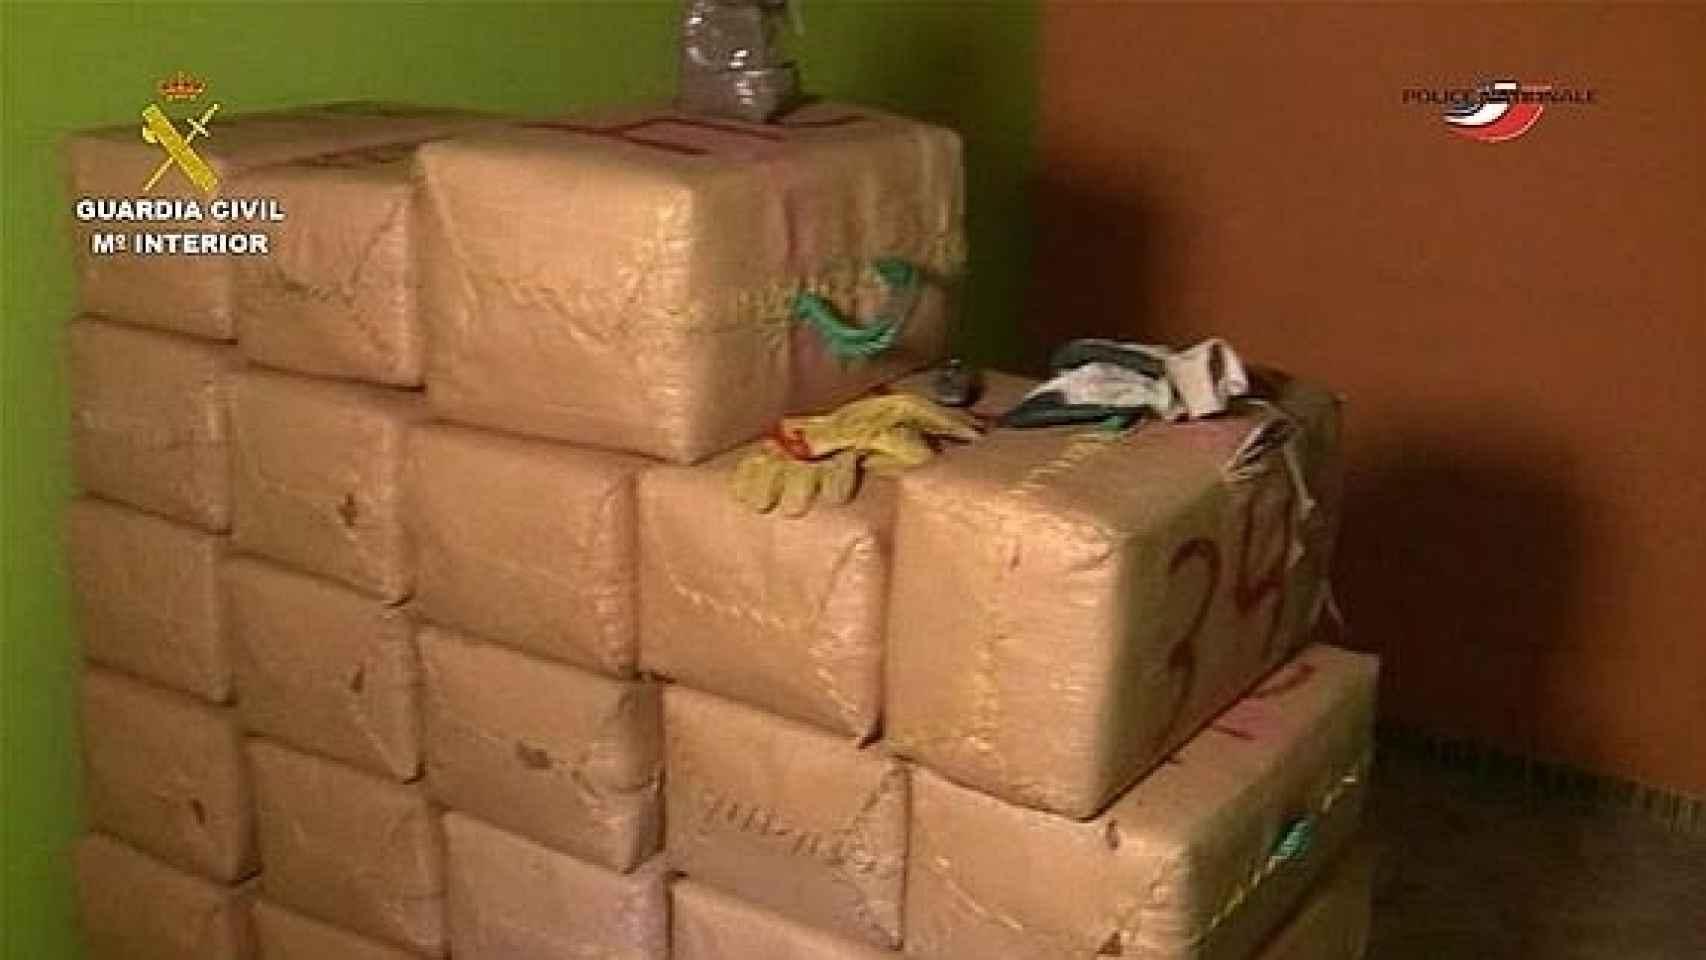 Fardos de hachís decomisados en una operación contra el tráfico de drogas en Málaga.